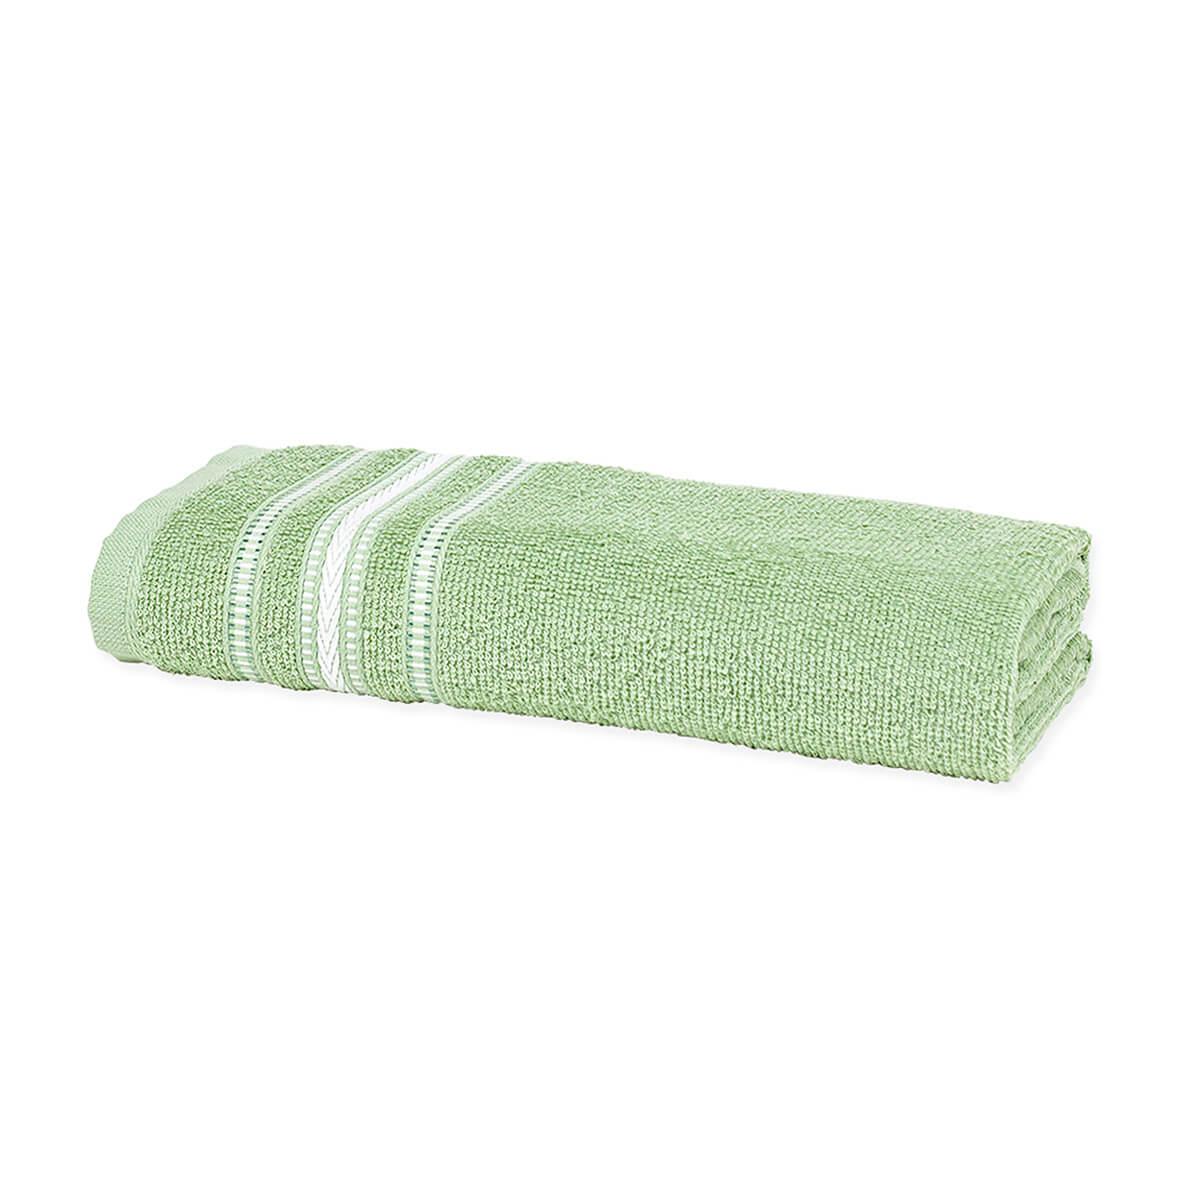 Toalha de Banho Enxuta Aquarela Verde